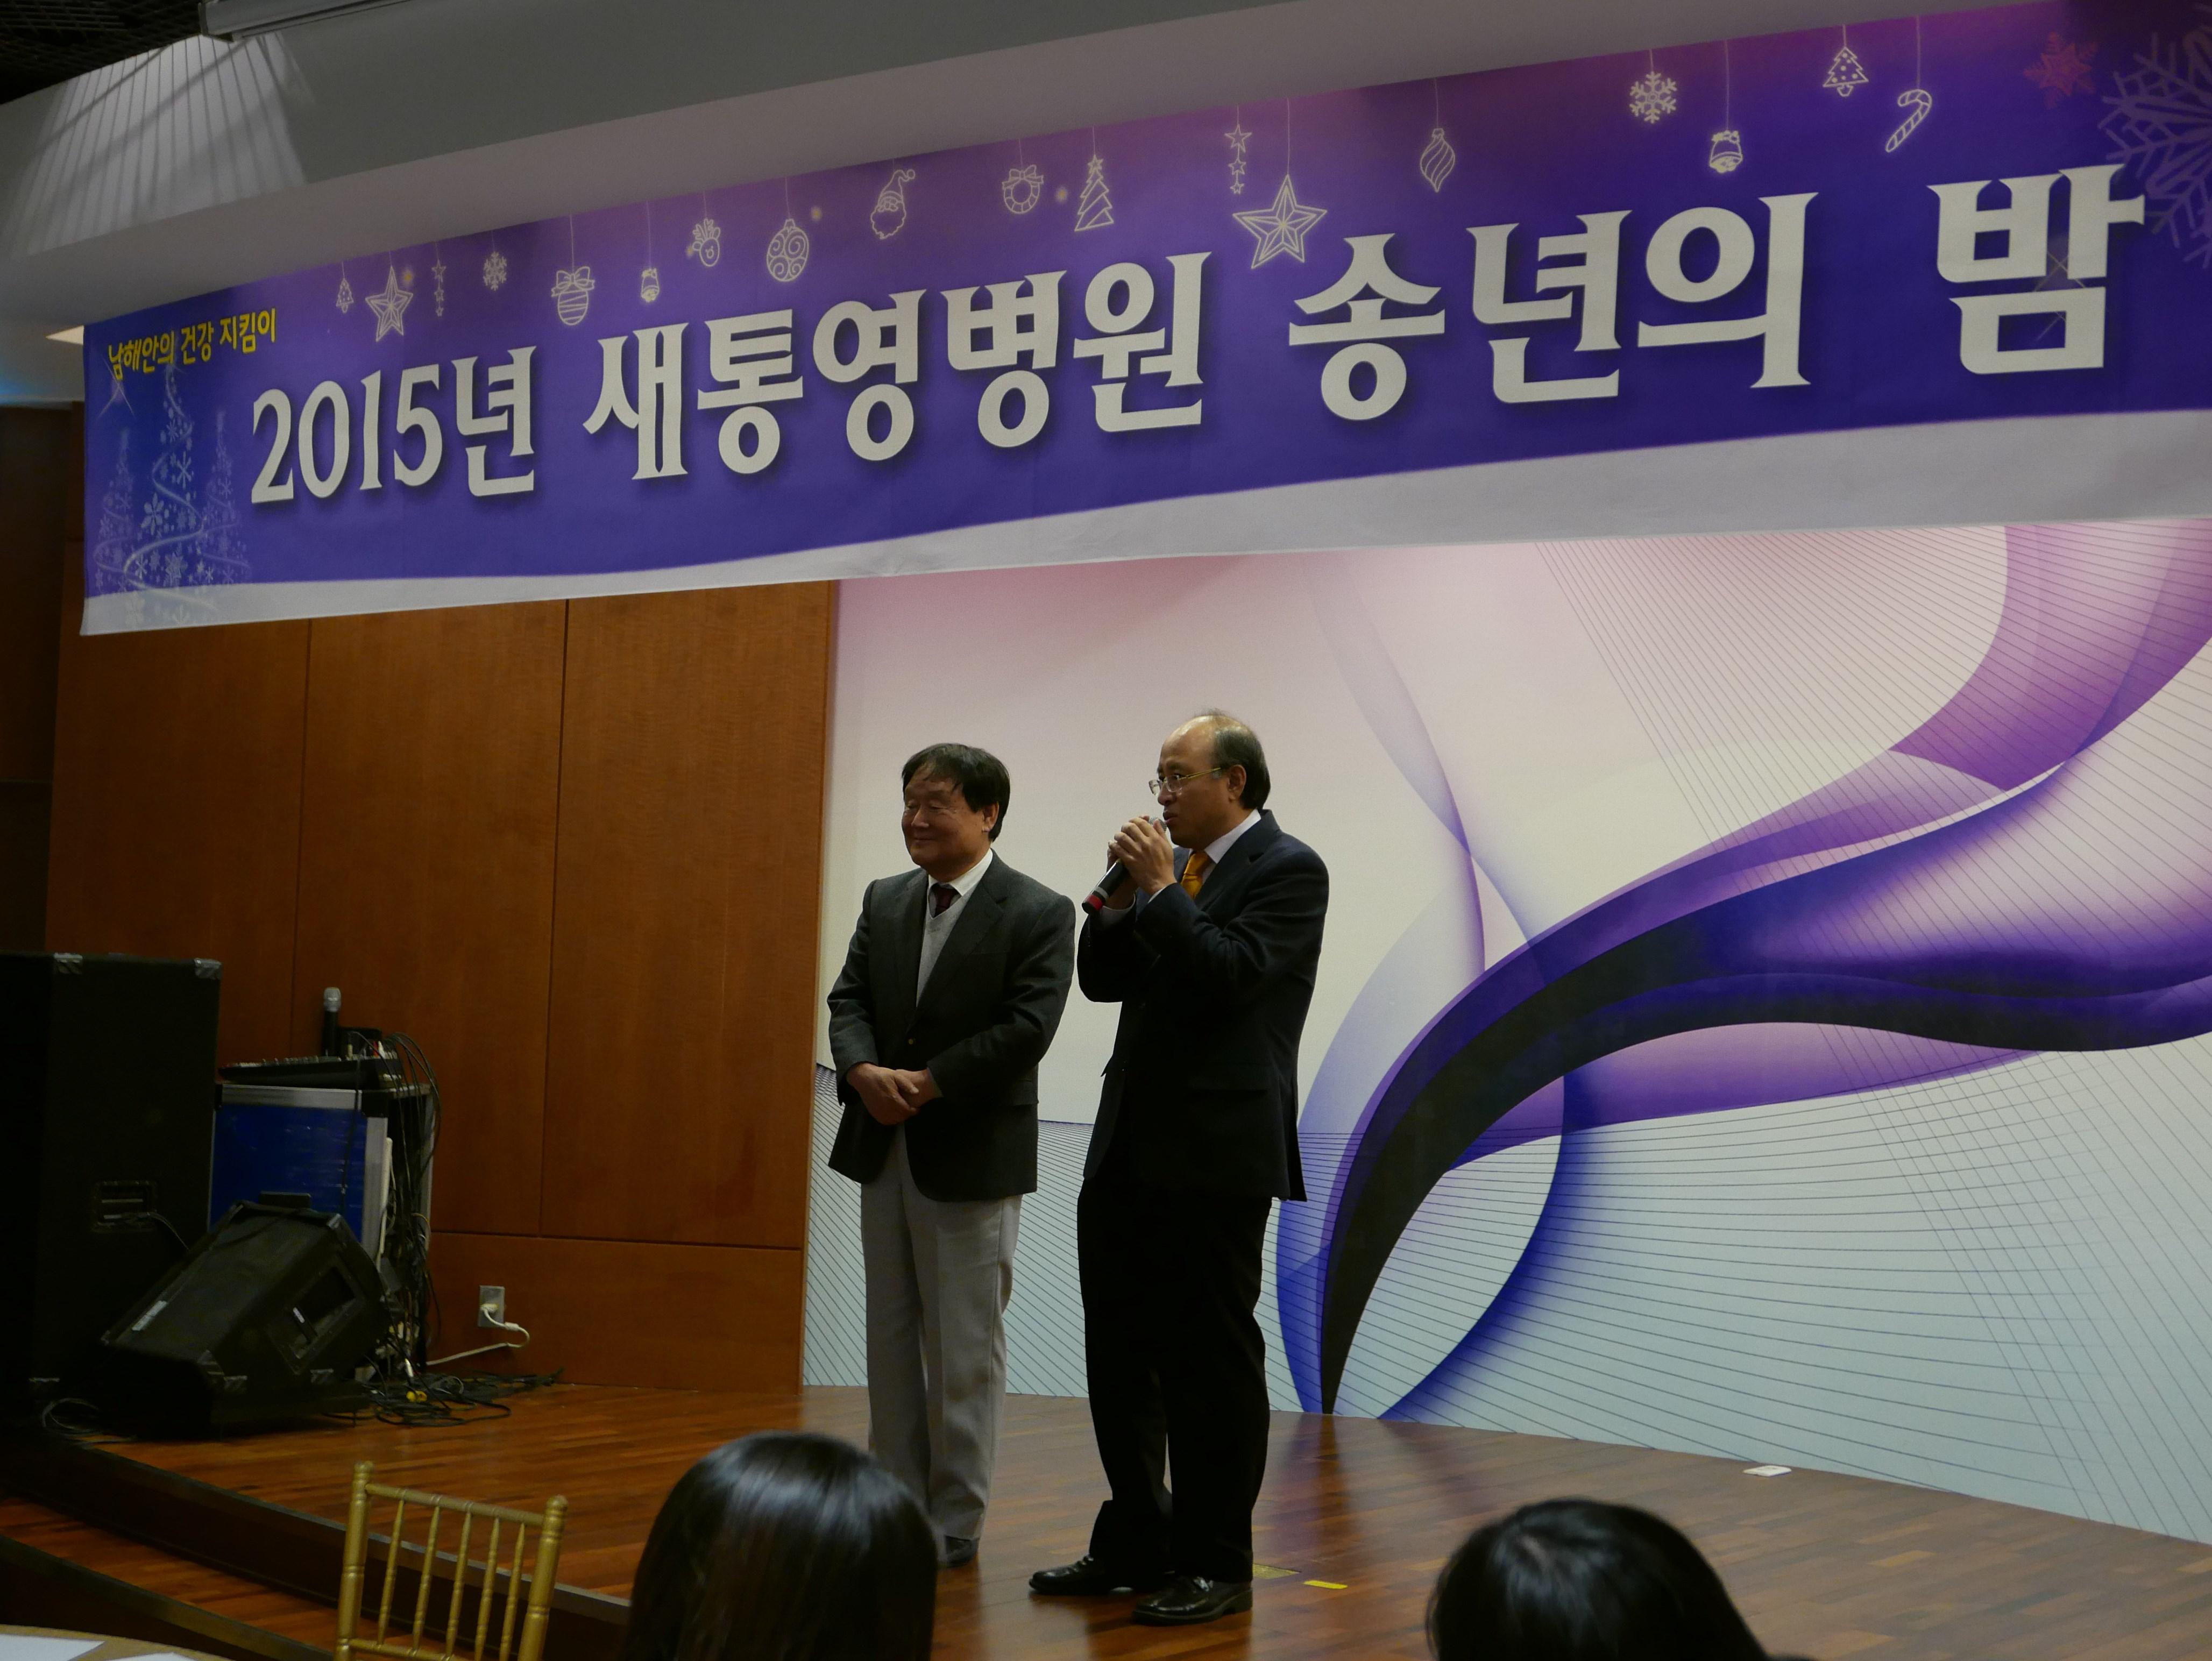 12월18일 웨딩스토리에서 '새통영병원 송년의 밤'을 개최 하였다. 직원들의 단합된 모습과 열정을 확인 할 수 있었던 좋은 시간 이였음.